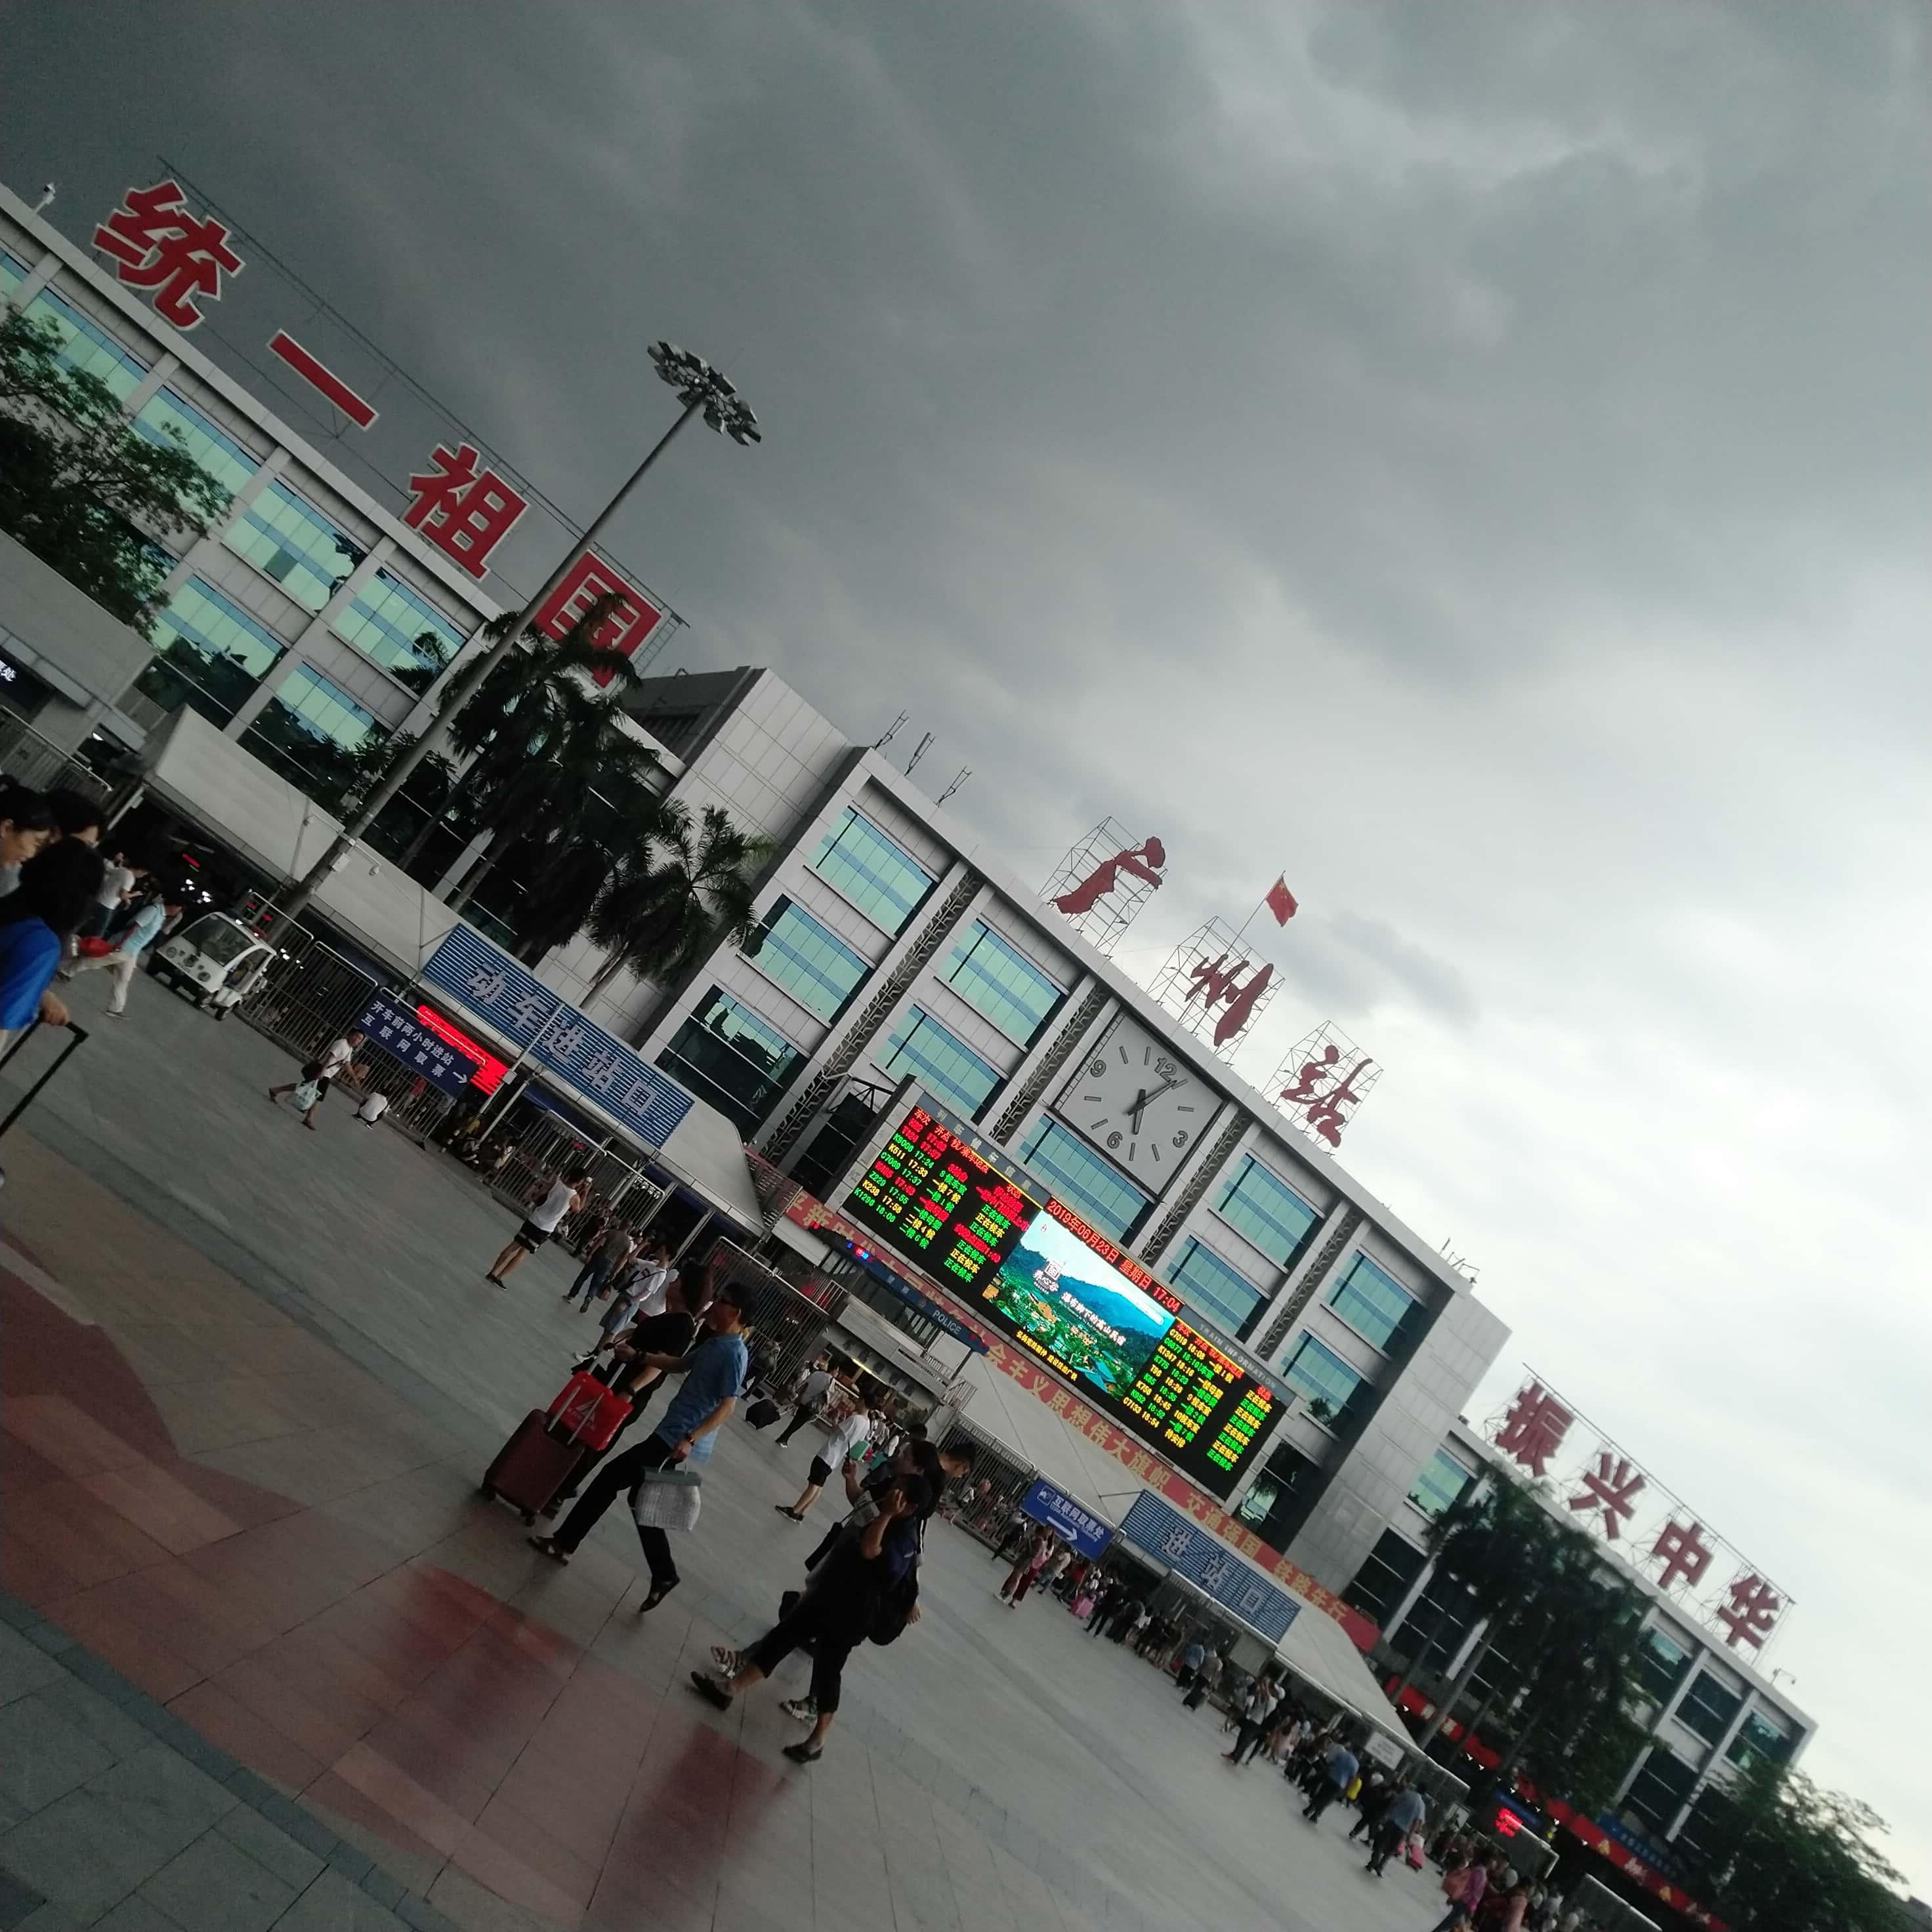 火车站的狂风乌云